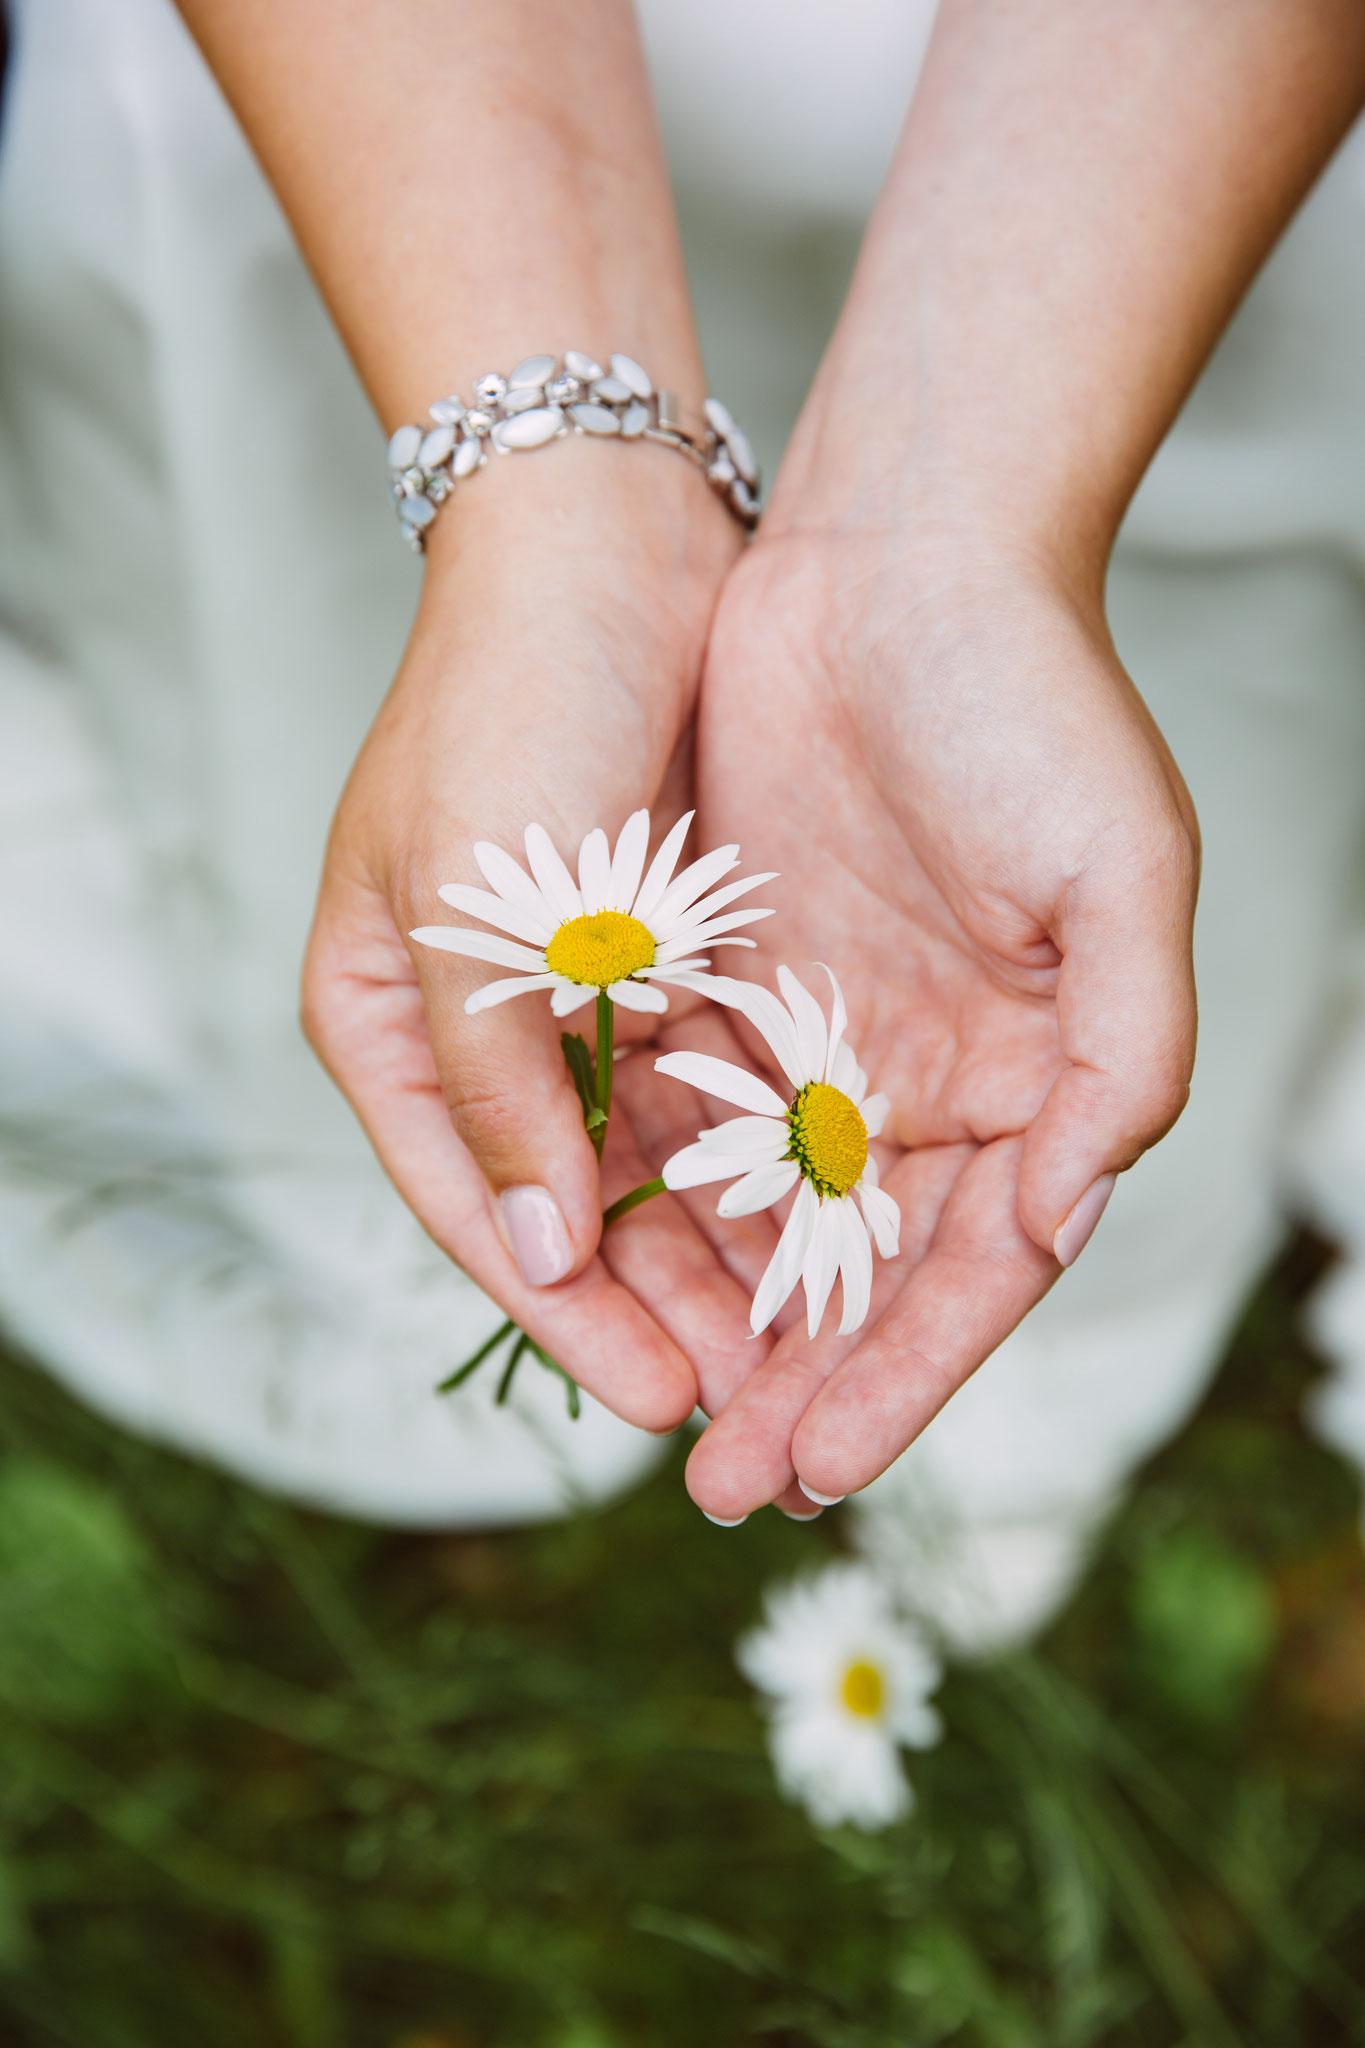 kein Brautstrauß aber trotzdem ein Foto wert